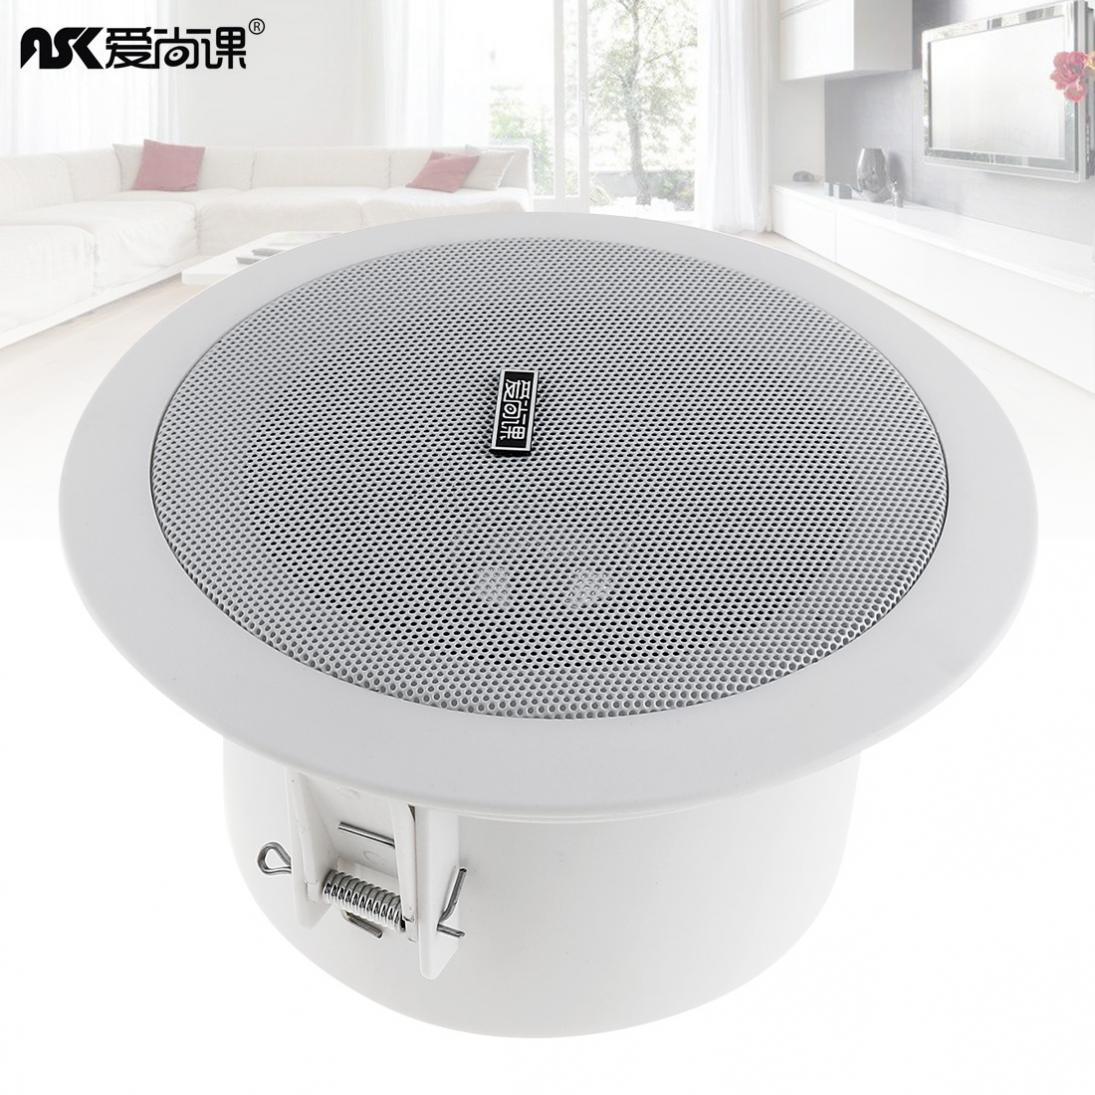 4 5 Inch Waterproof Household Radio Ceiling Portable